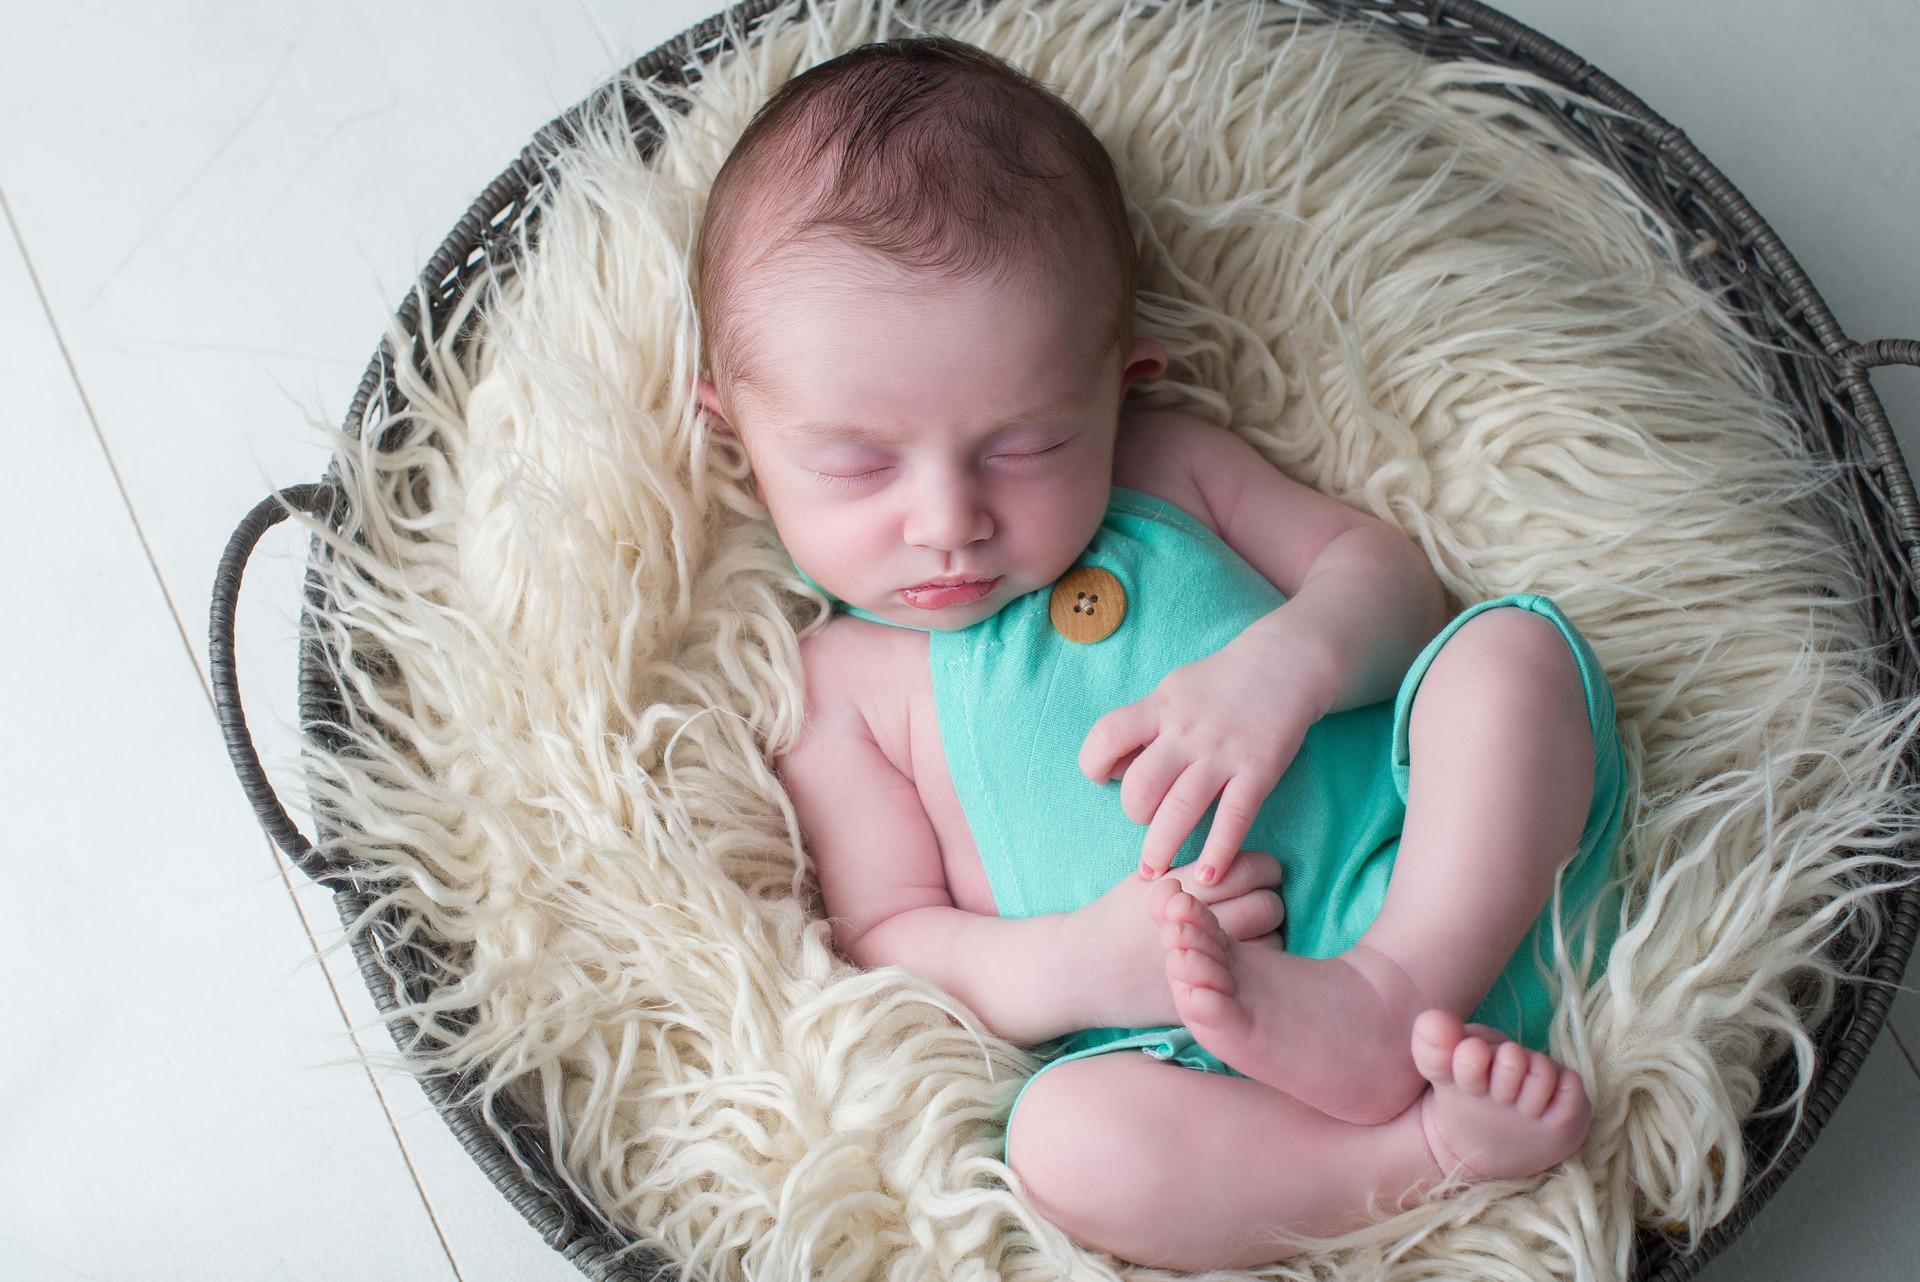 newborn menino, ensaio newborn, newborn, newborn azul, bebê, nascimento, foto de bebê, foto de recem-nascido, fotos fofas, inspiração foto bebê, família, amor